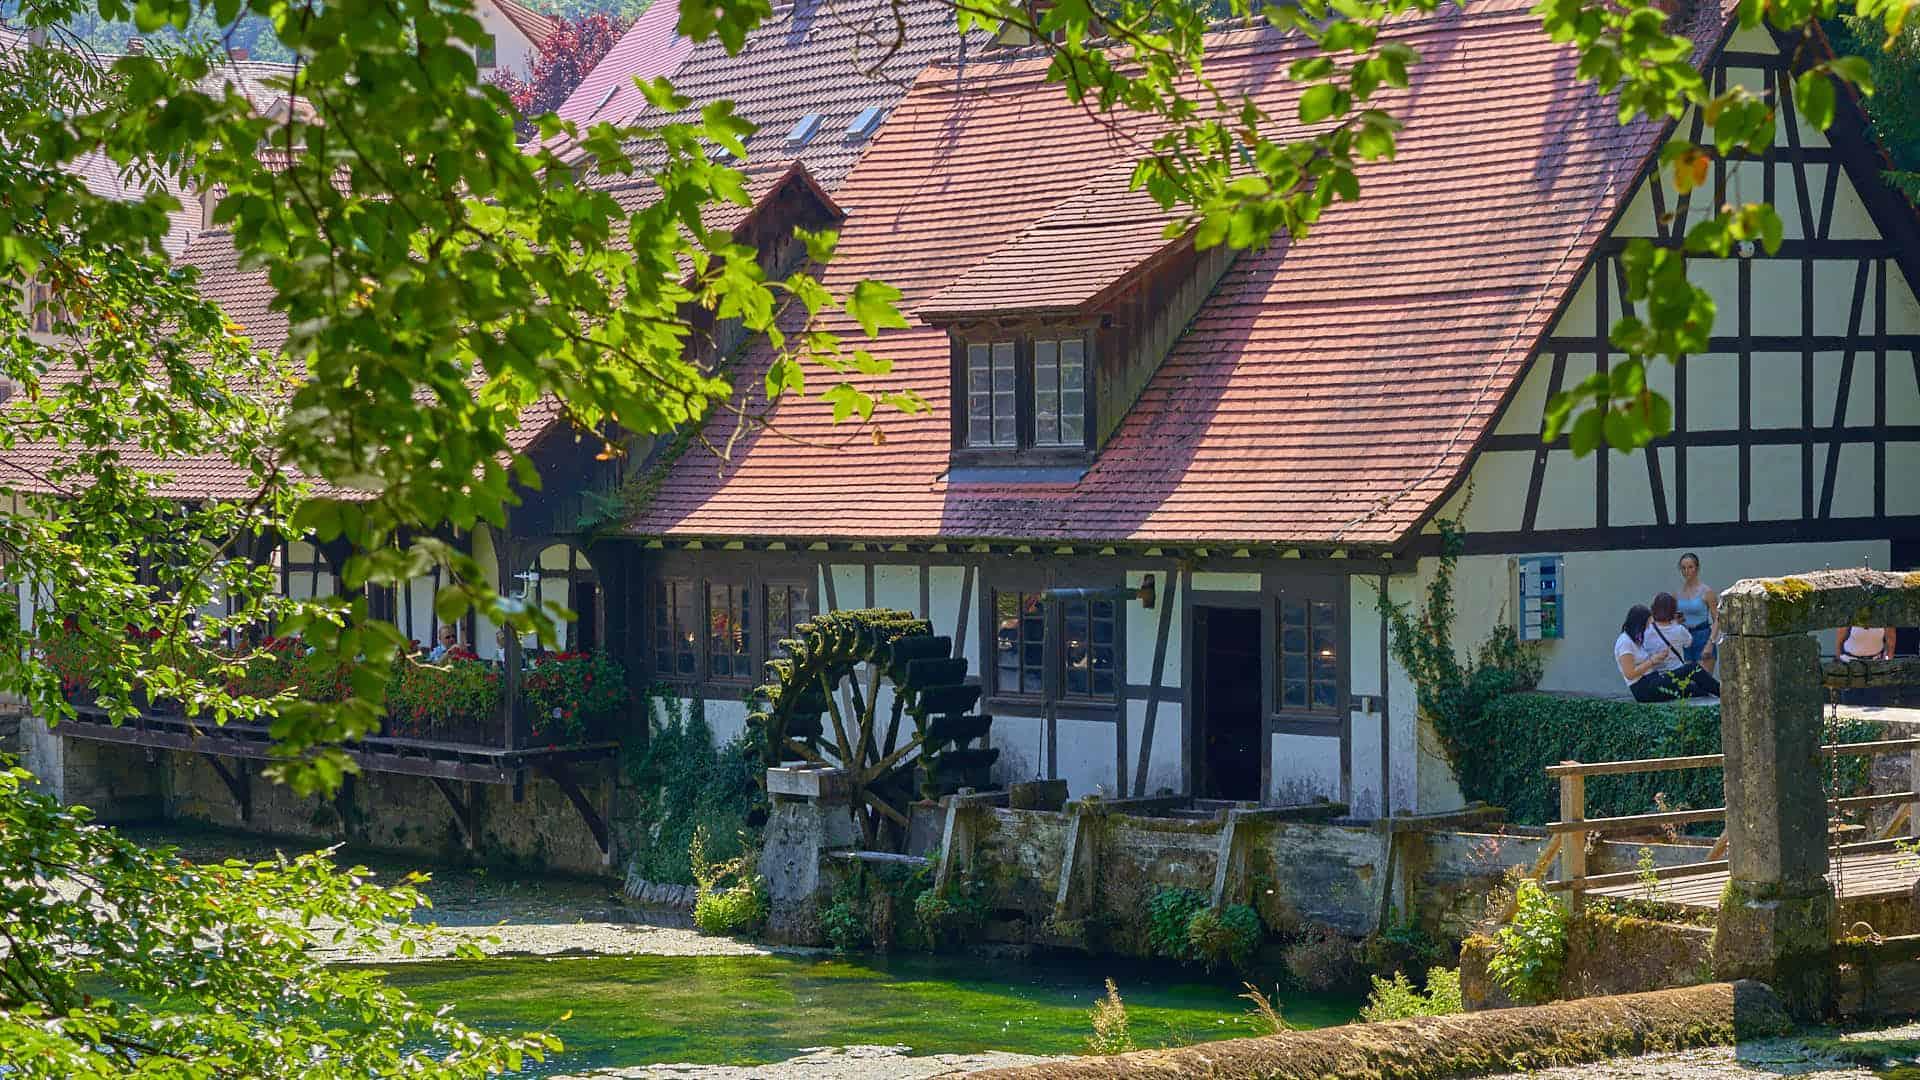 Blaubeuren monastery